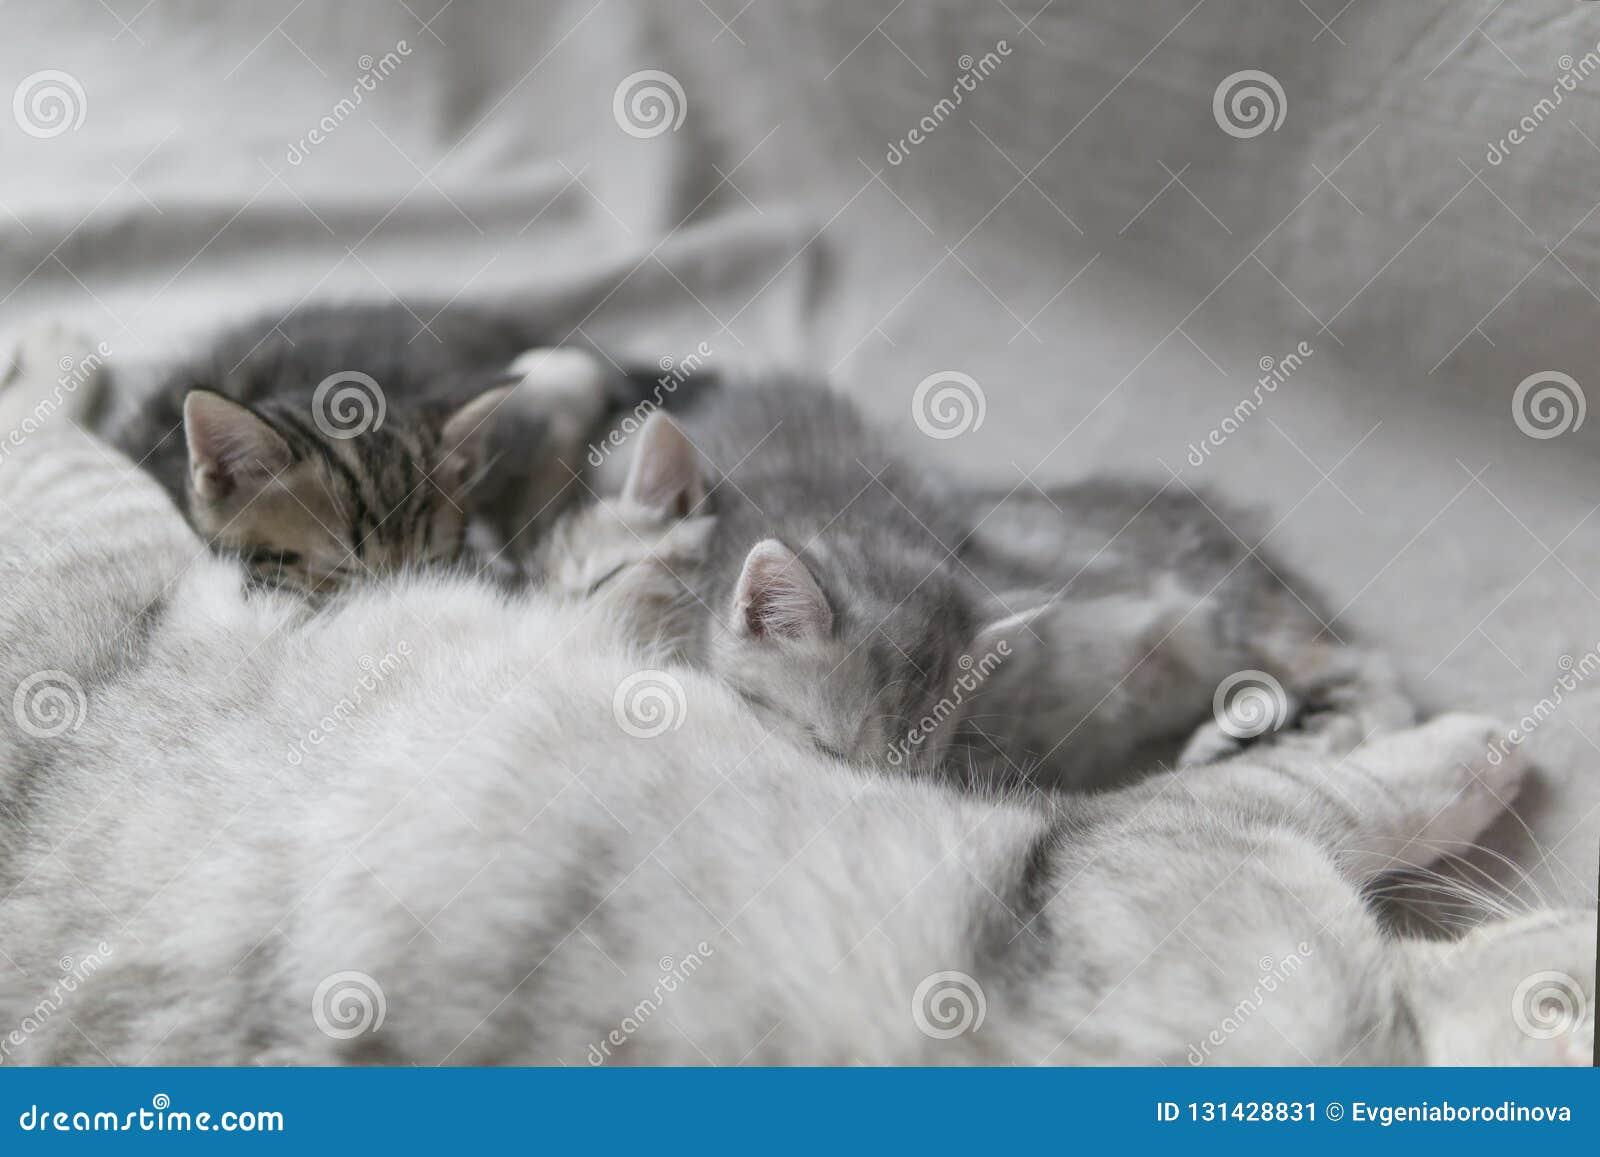 El gato alimenta gatitos con leche